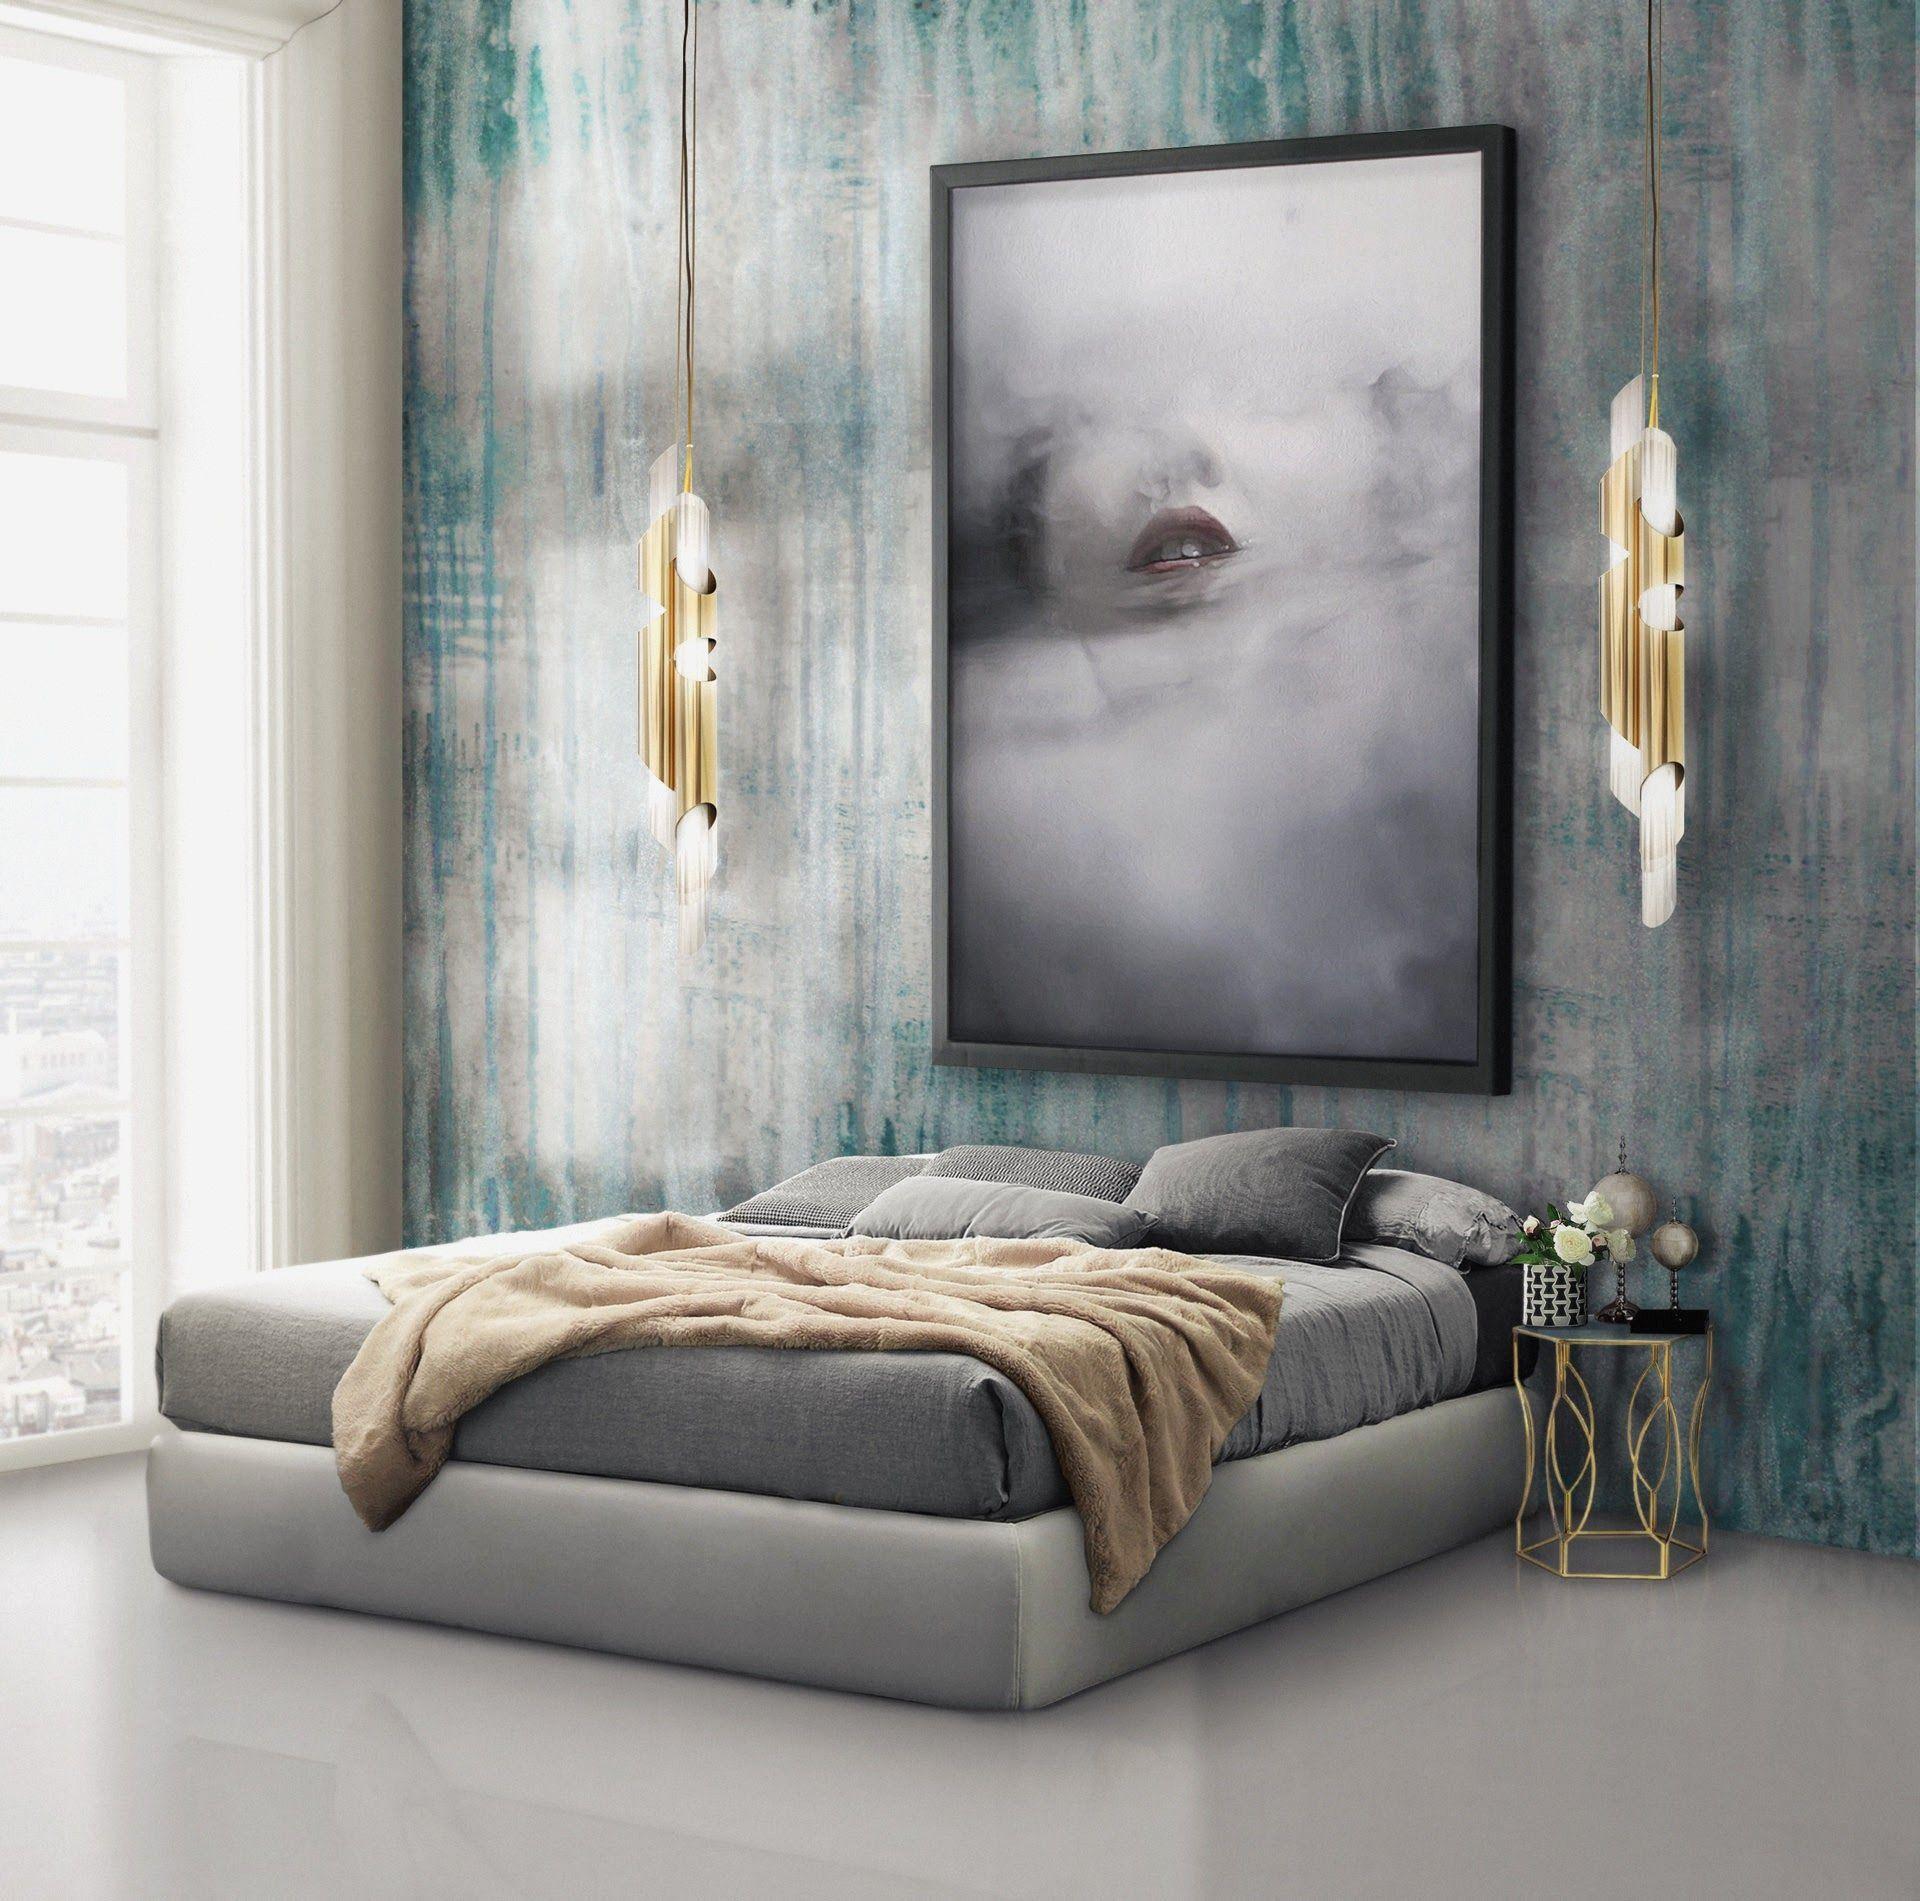 Fashionable Bedroom Ideas - June, 10  Contemporary bedroom